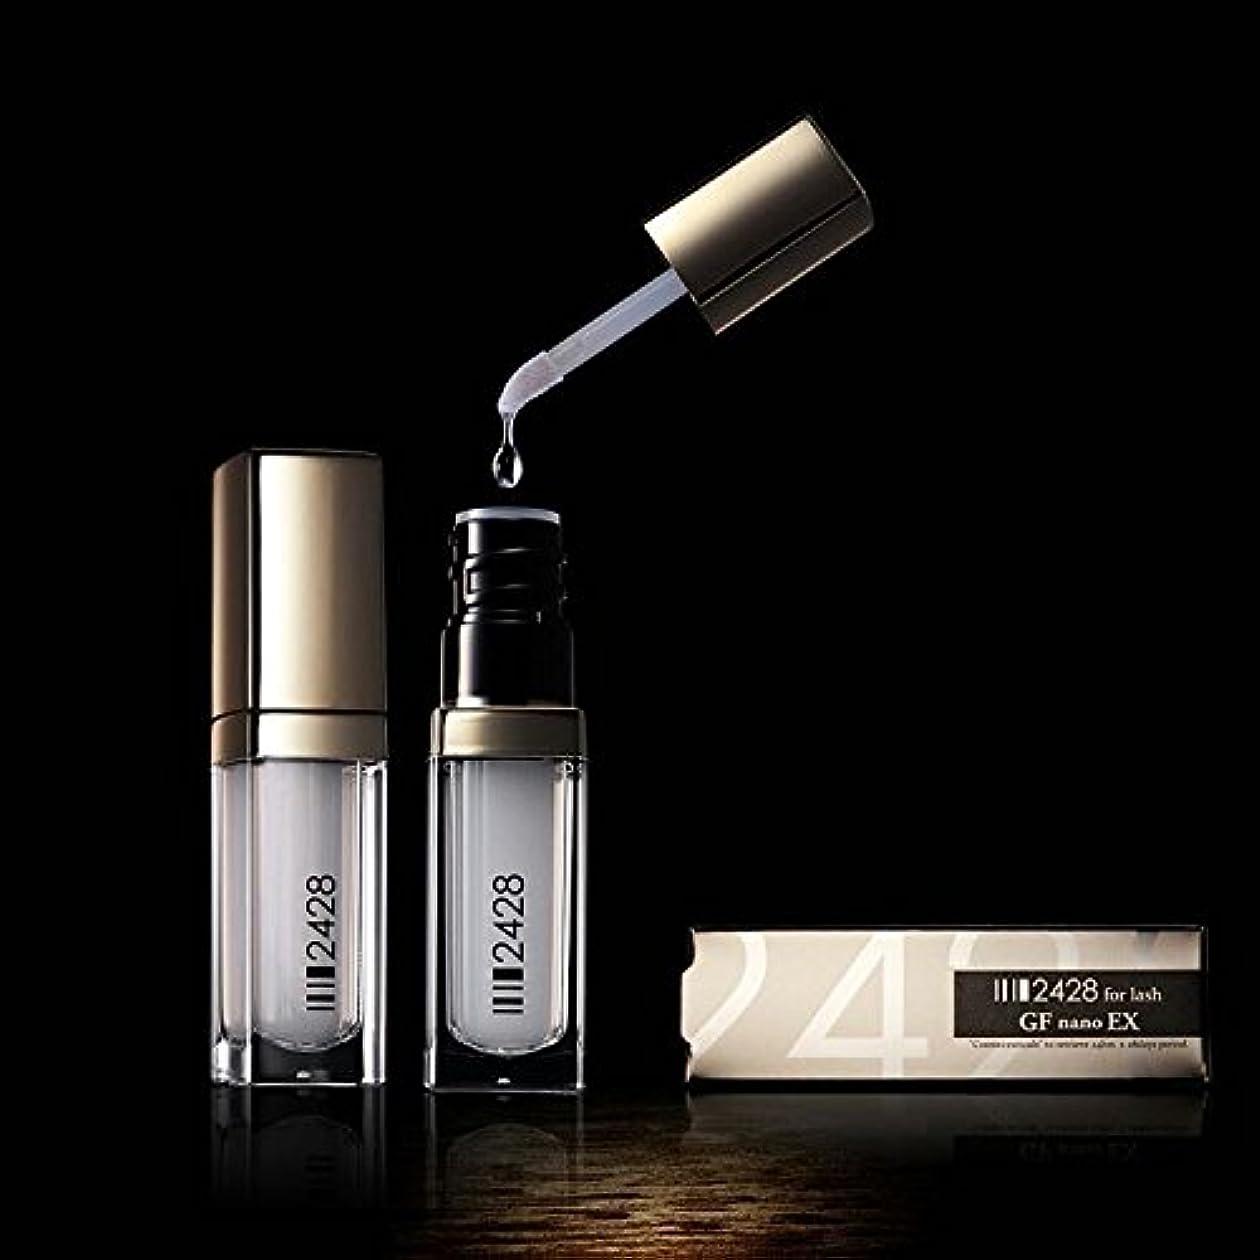 反論のヒープ陽気な美容液2428 for lash GF nano EX まつげ美容液